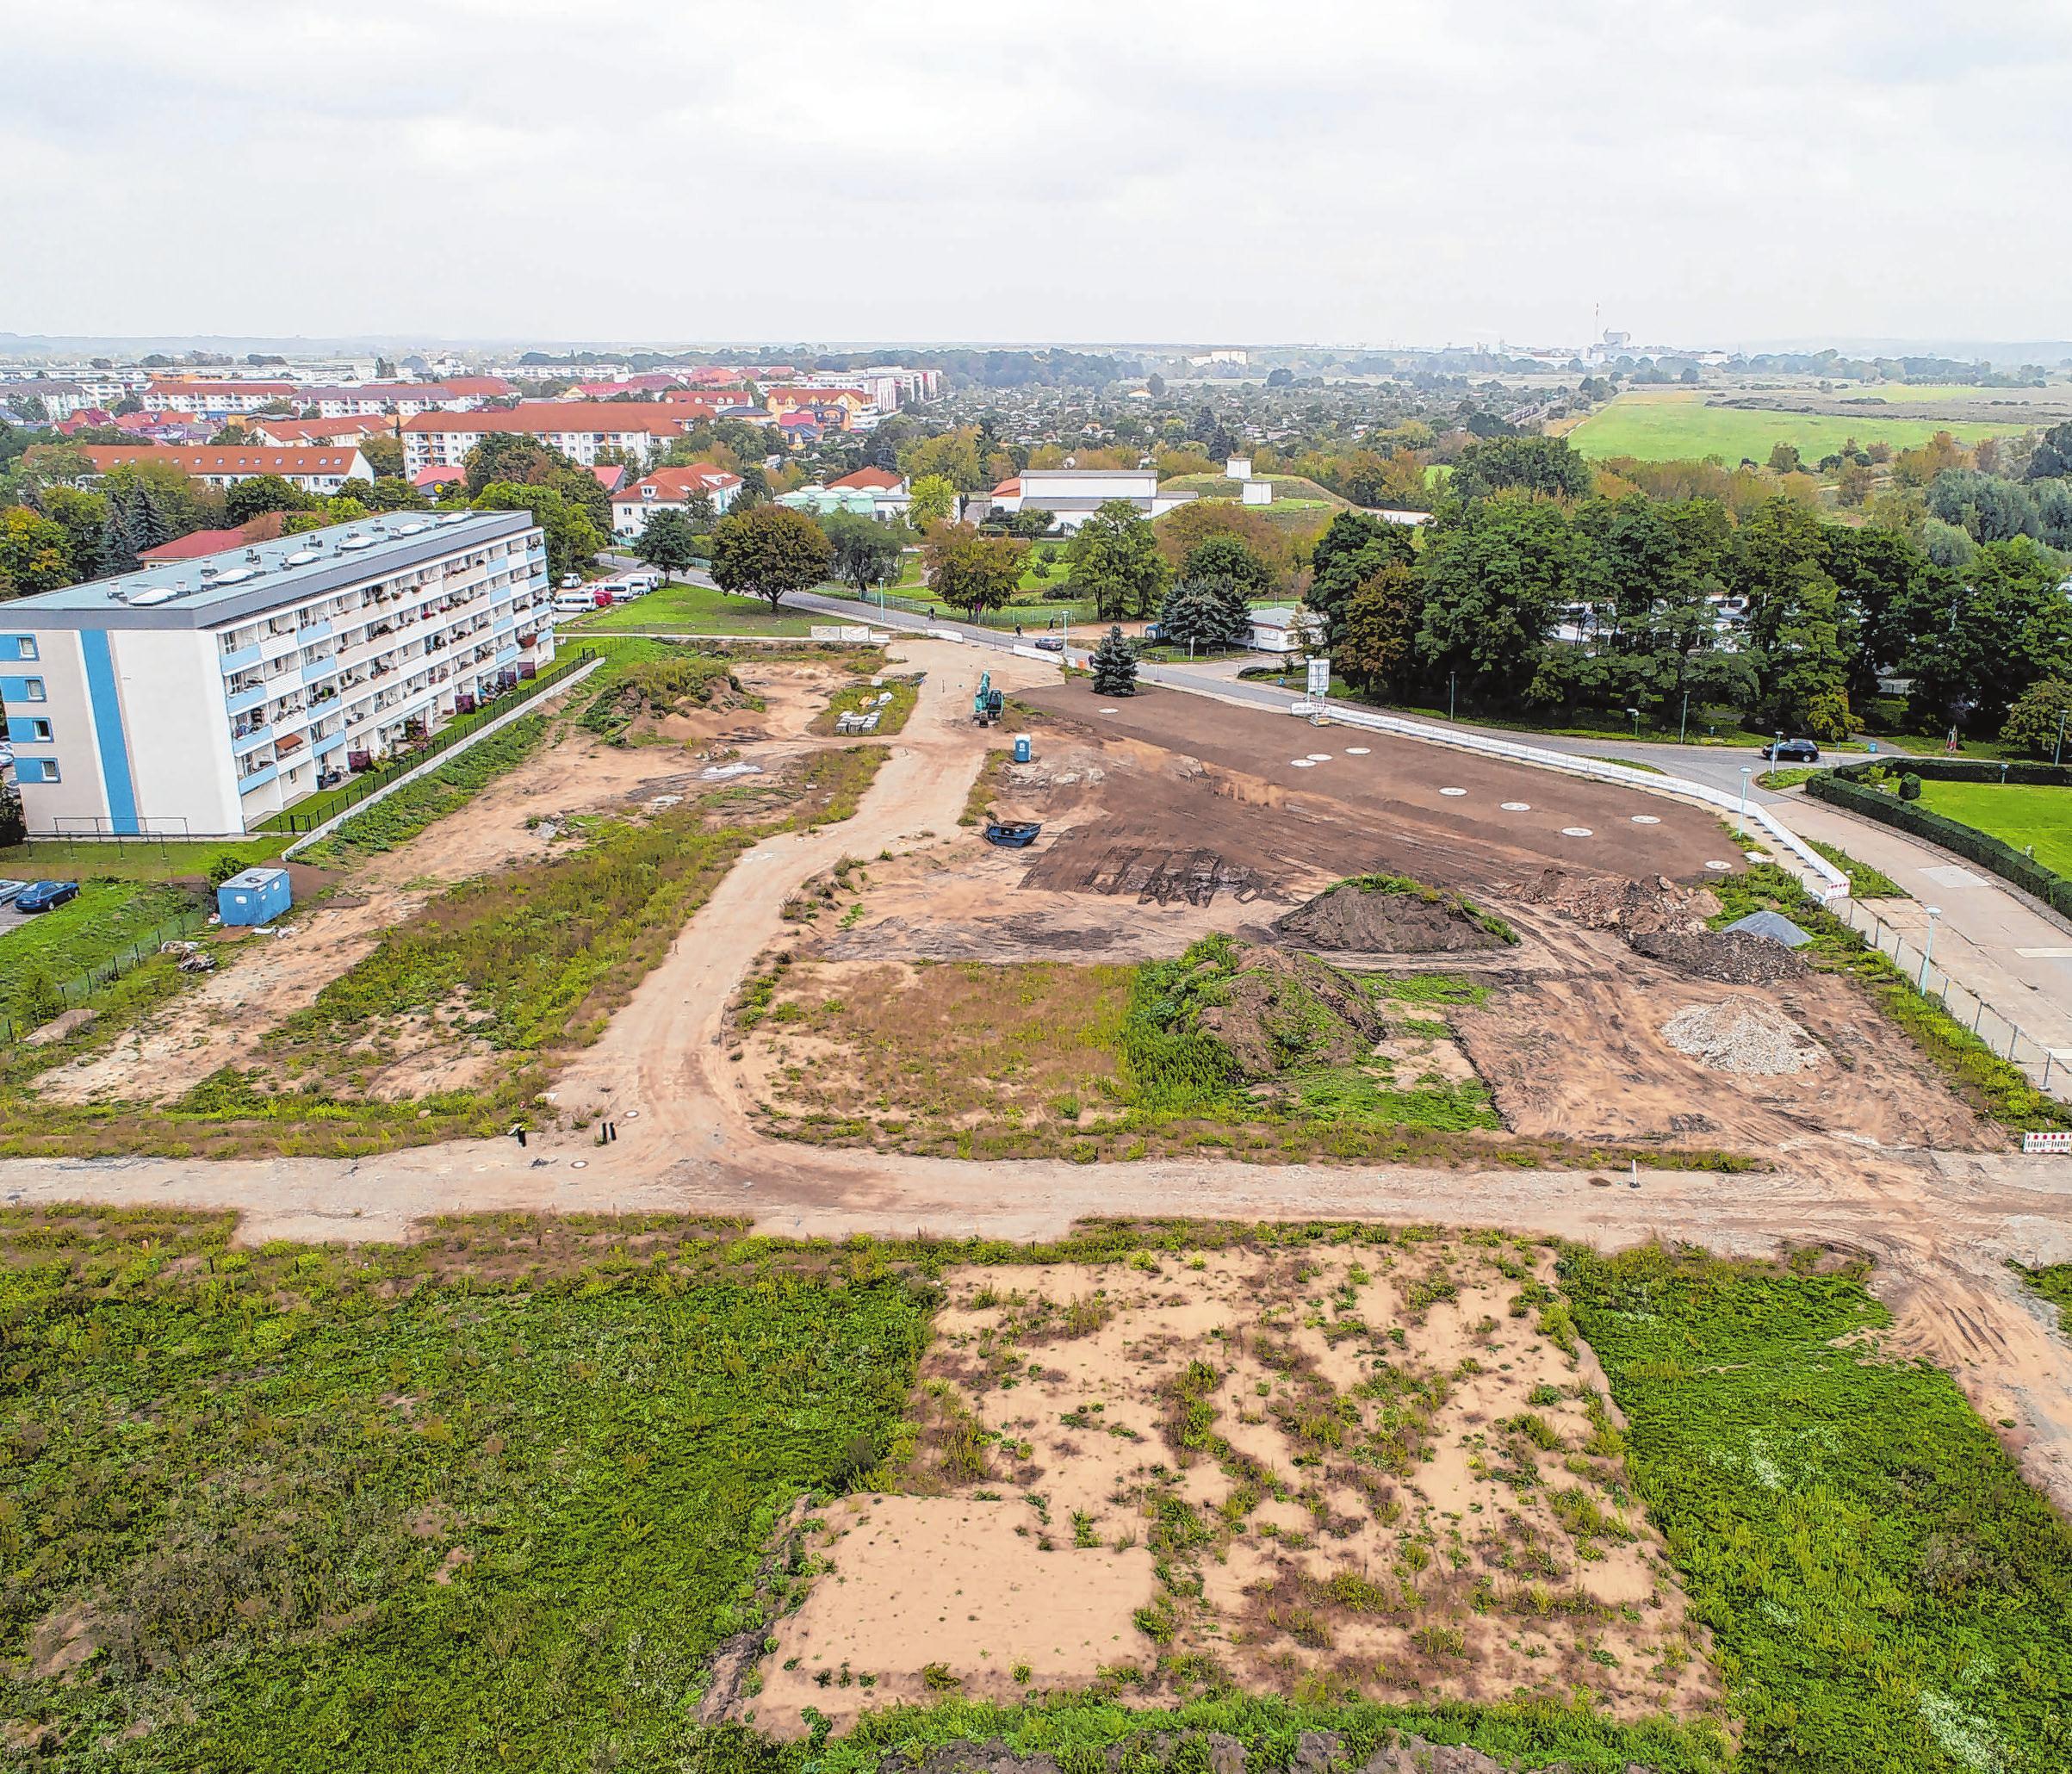 Viel Platz für neues Leben: Das Baugebiet an der Schwedter Regattastraße wird exklusiv vermarktet und bebaut von der massivBau GmbH Casekow, die hier zehn Ein- und vier Mehrfamilienhäuser errichten will. Mit etwas Glück bei den entsprechenden Genehmigungen kann es noch in diesem Jahr losgehen.